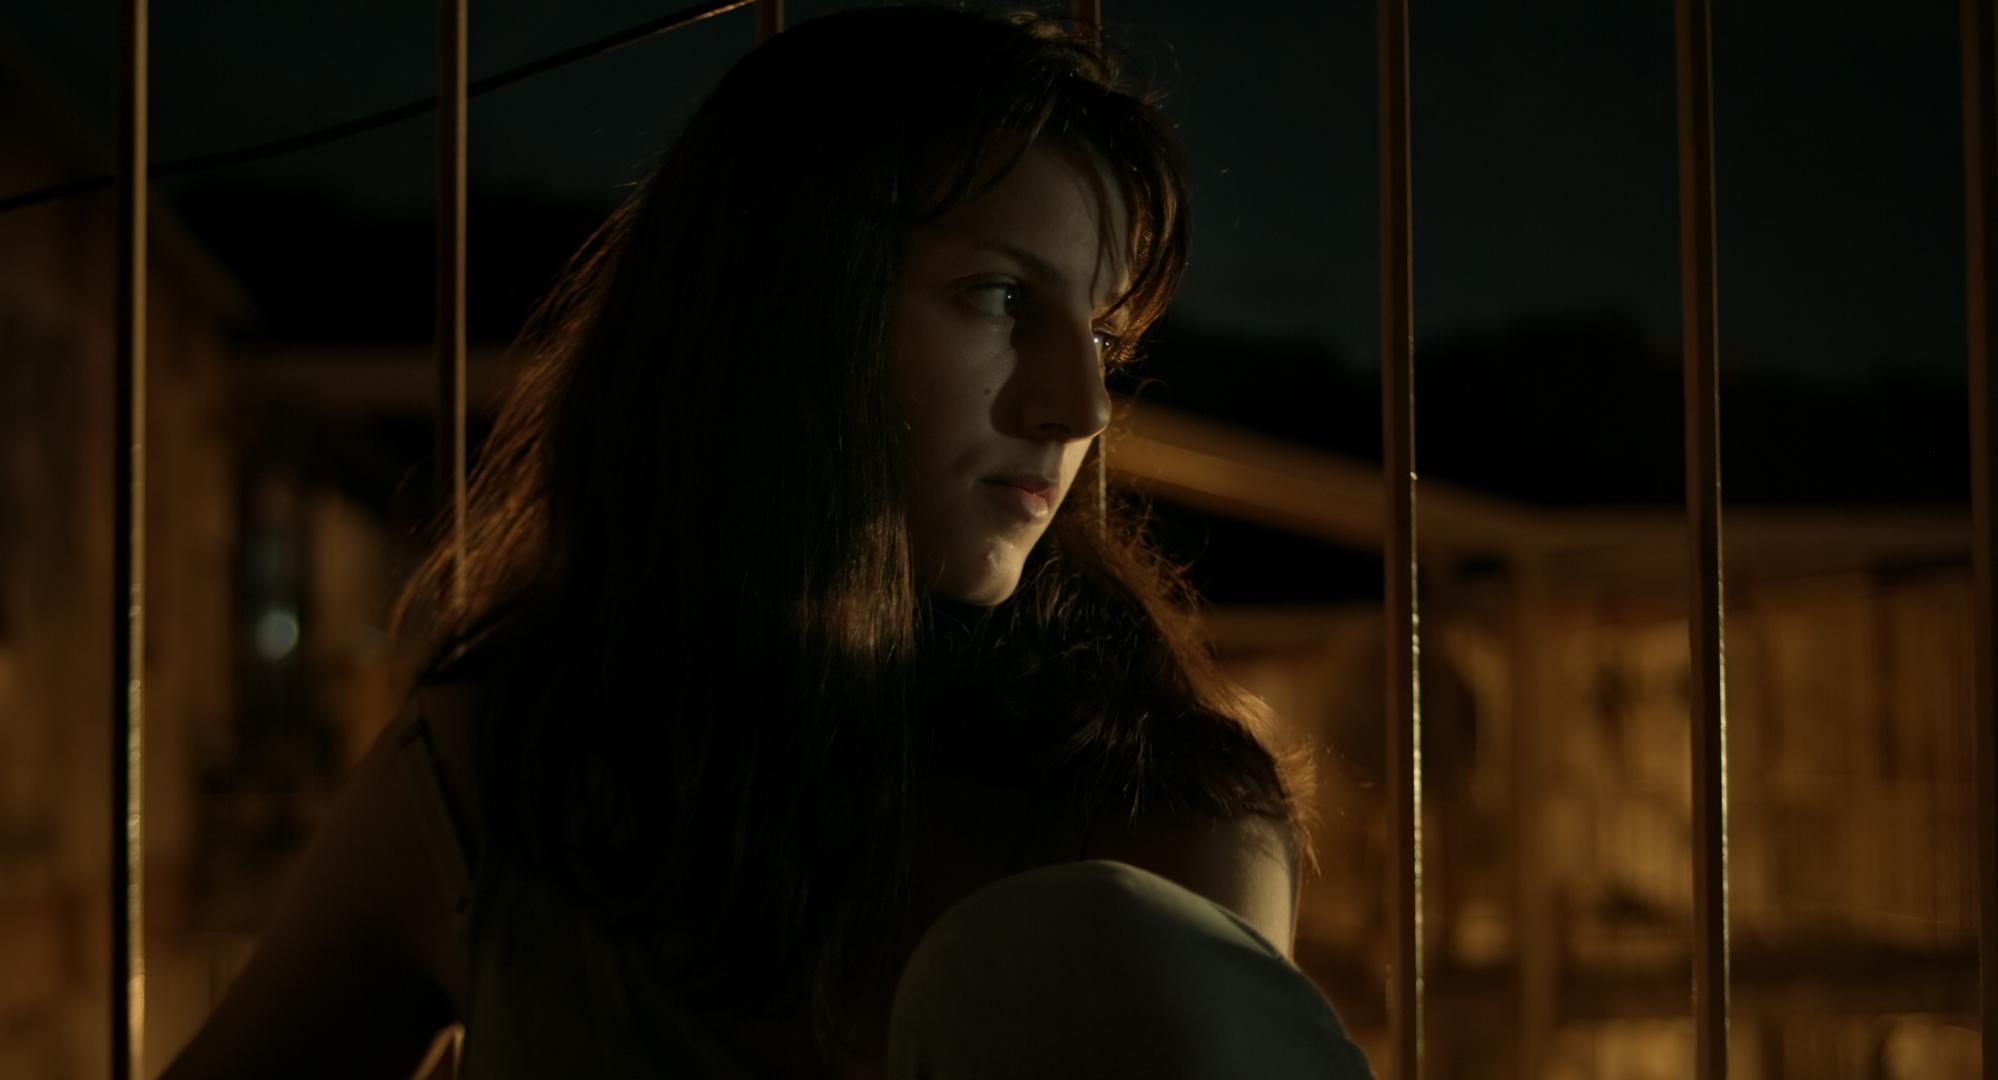 Berlinale: crítica de «Fern von uns», de Laura Bierbrauer y Verena Kuri